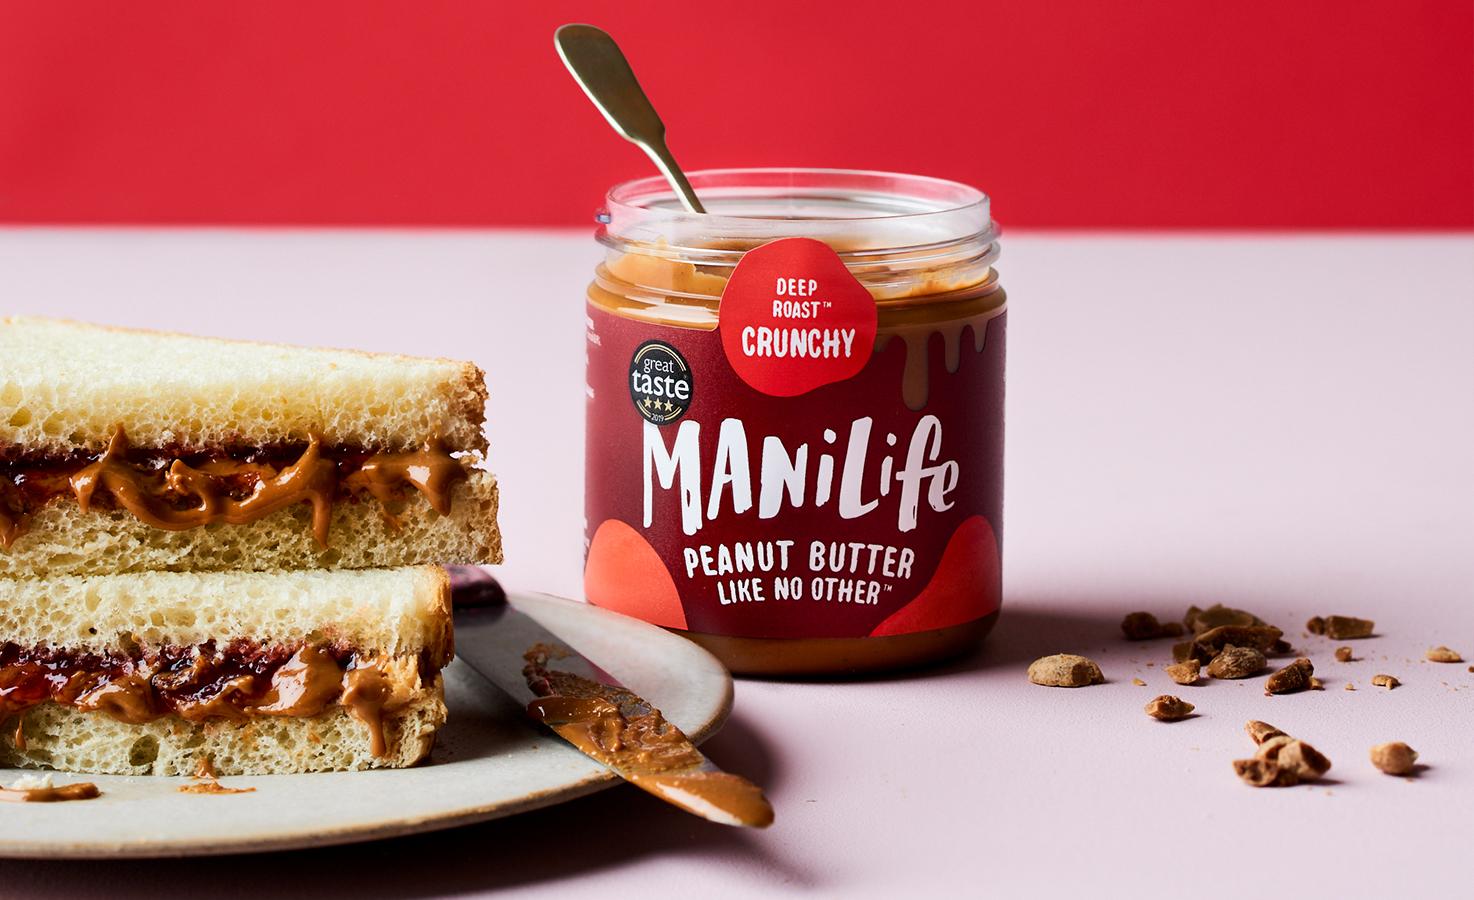 Image Deep Roast Erdnussbutter, crunchy